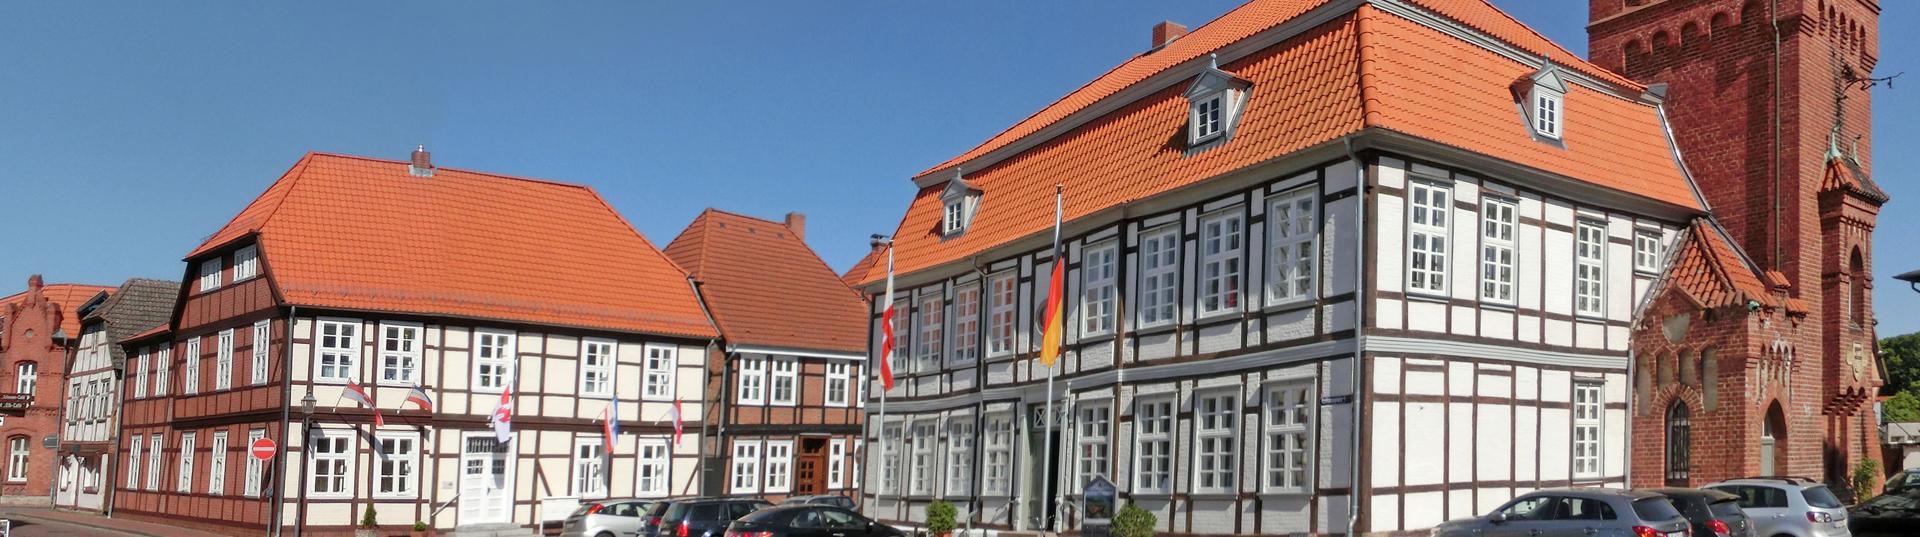 Rathausplatz in Dömitz - Foto: Jörg Reichel